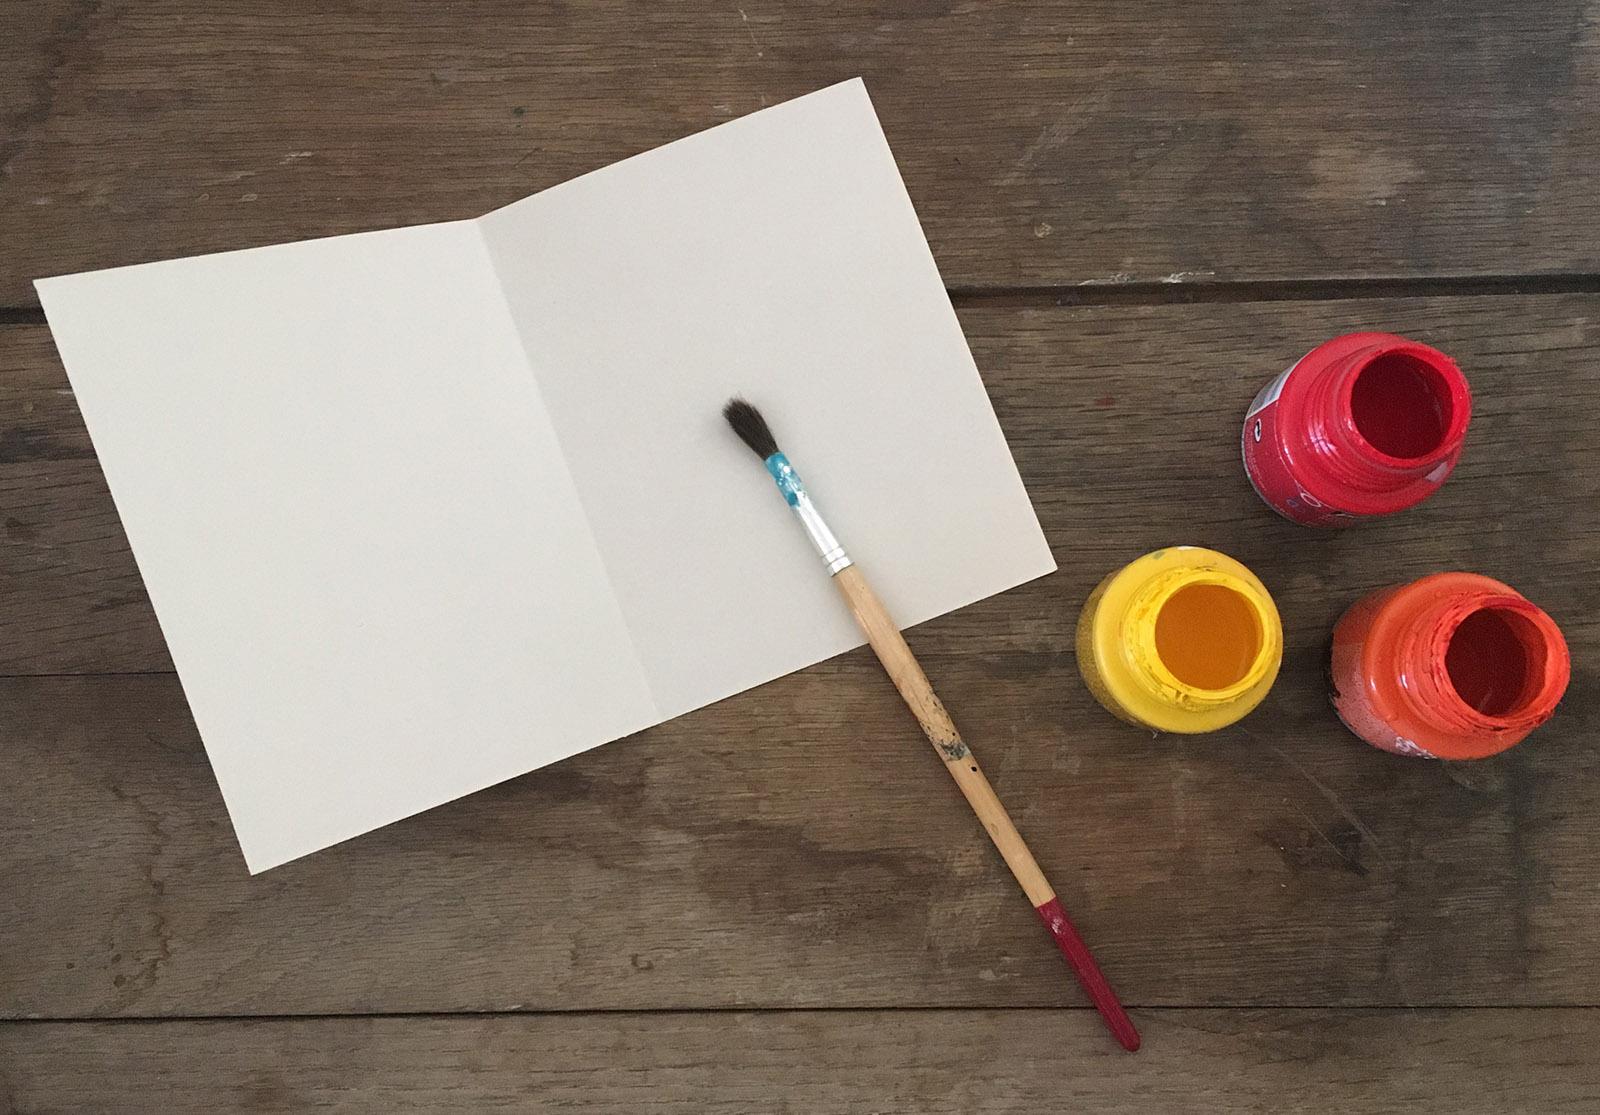 Activité Manuelle : La Peinture Papillon - Family Sphere à Activité Manuelle En Papier